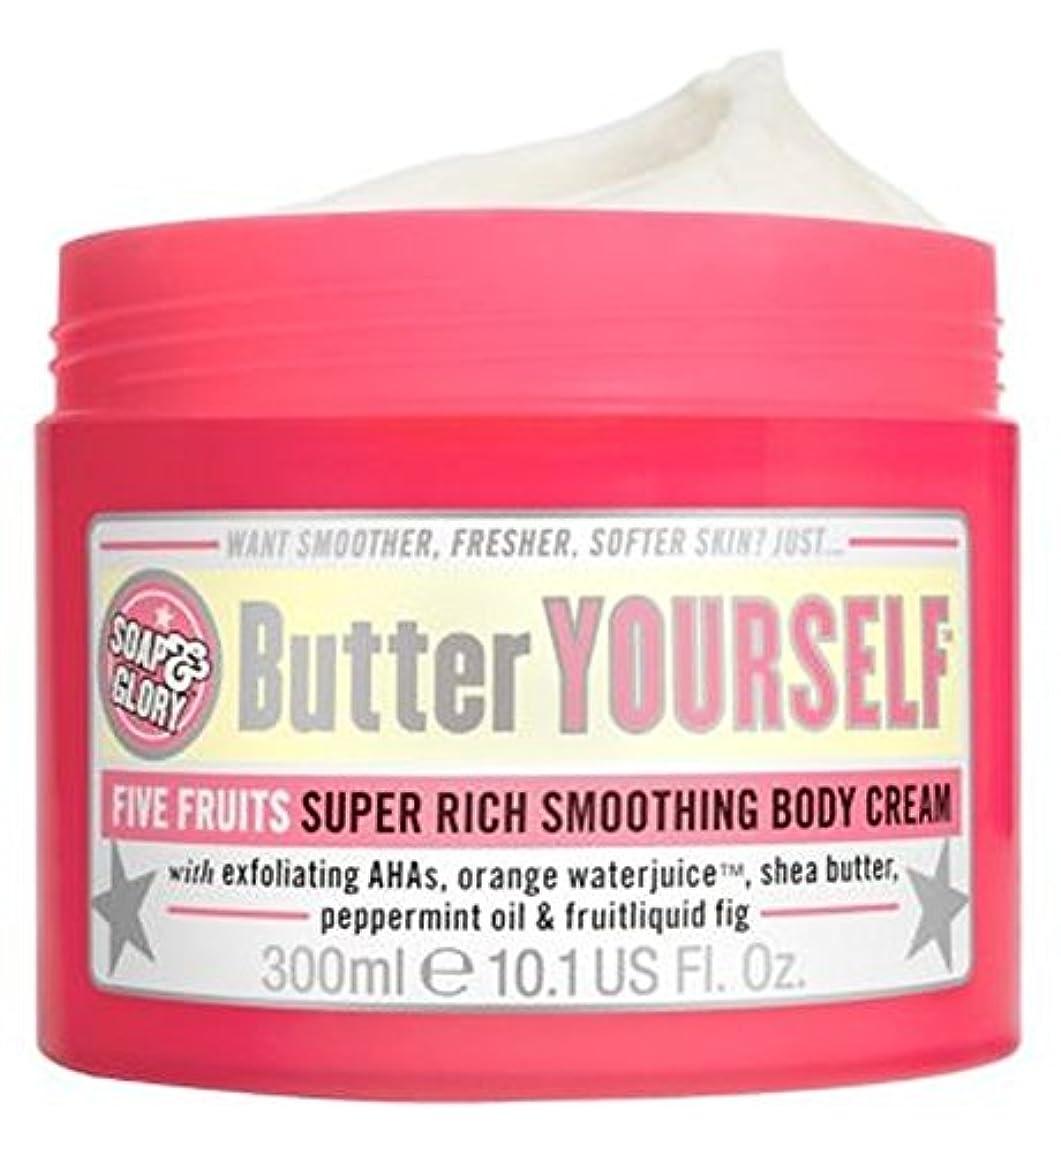 どちらか内陸詐欺Soap & Glory? Butter Yourself? Body Cream 300ml - ボディクリーム300ミリリットル?石鹸&栄光?バター自分 (Soap & Glory) [並行輸入品]